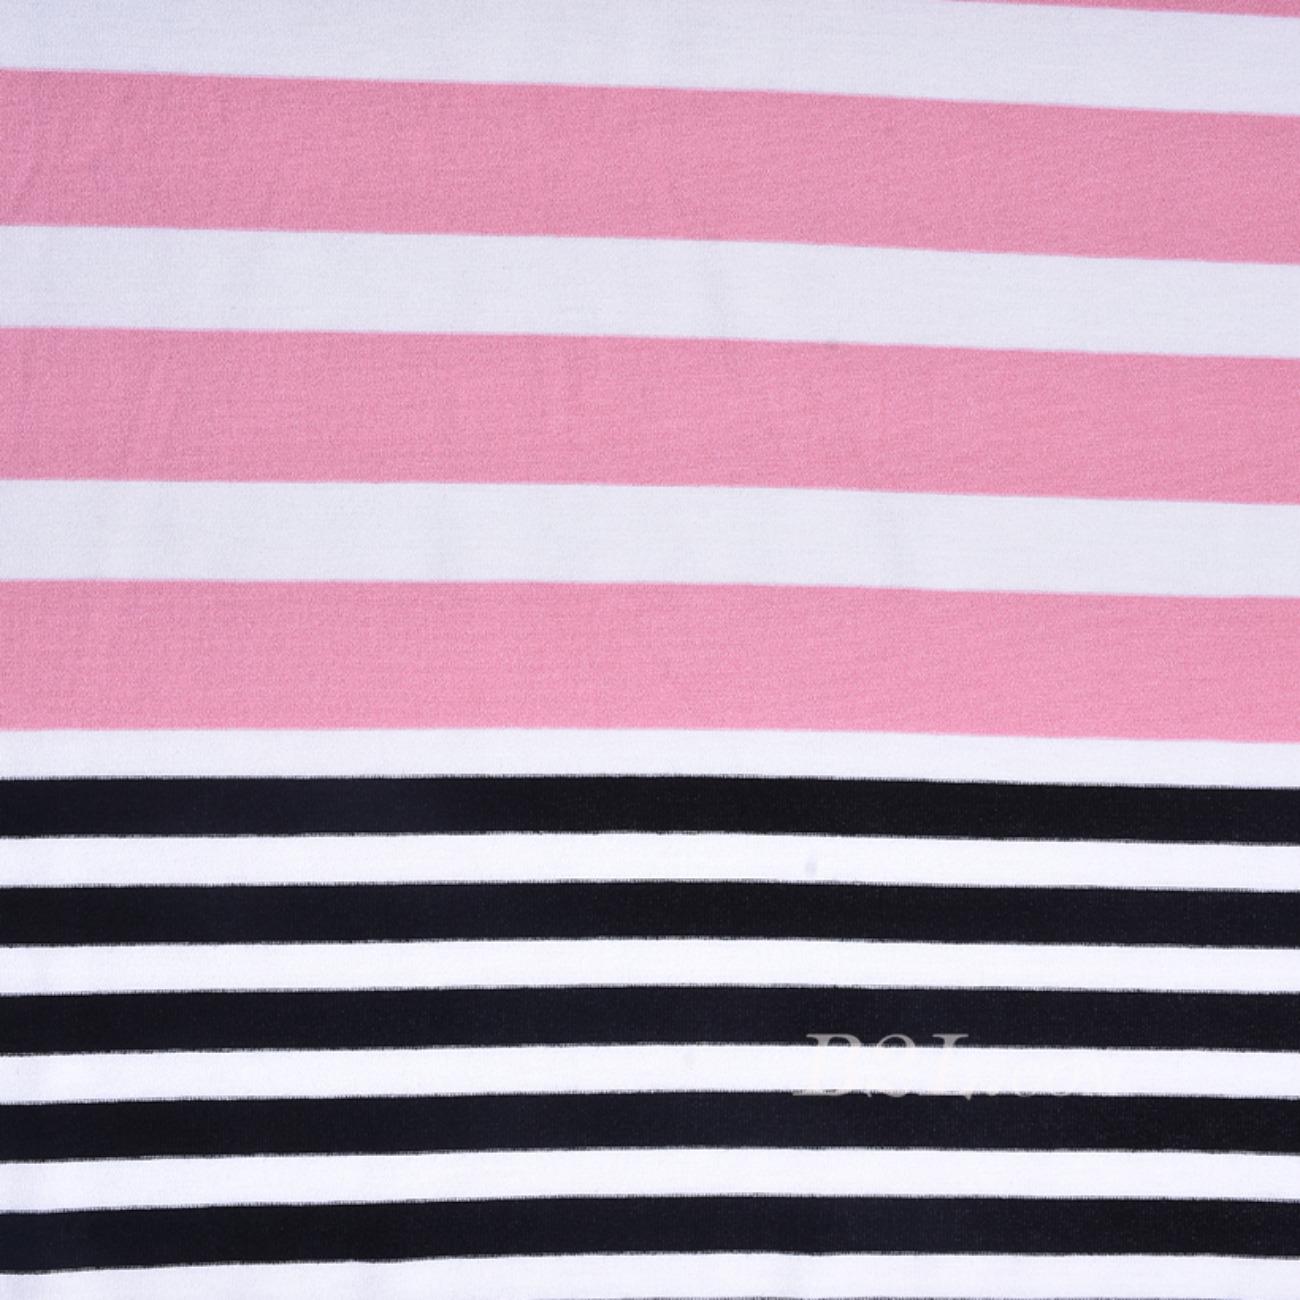 条子 横条 圆机 针织 纬编 T恤 针织衫 连衣裙 棉感 弹力 定位 期货 60312-69